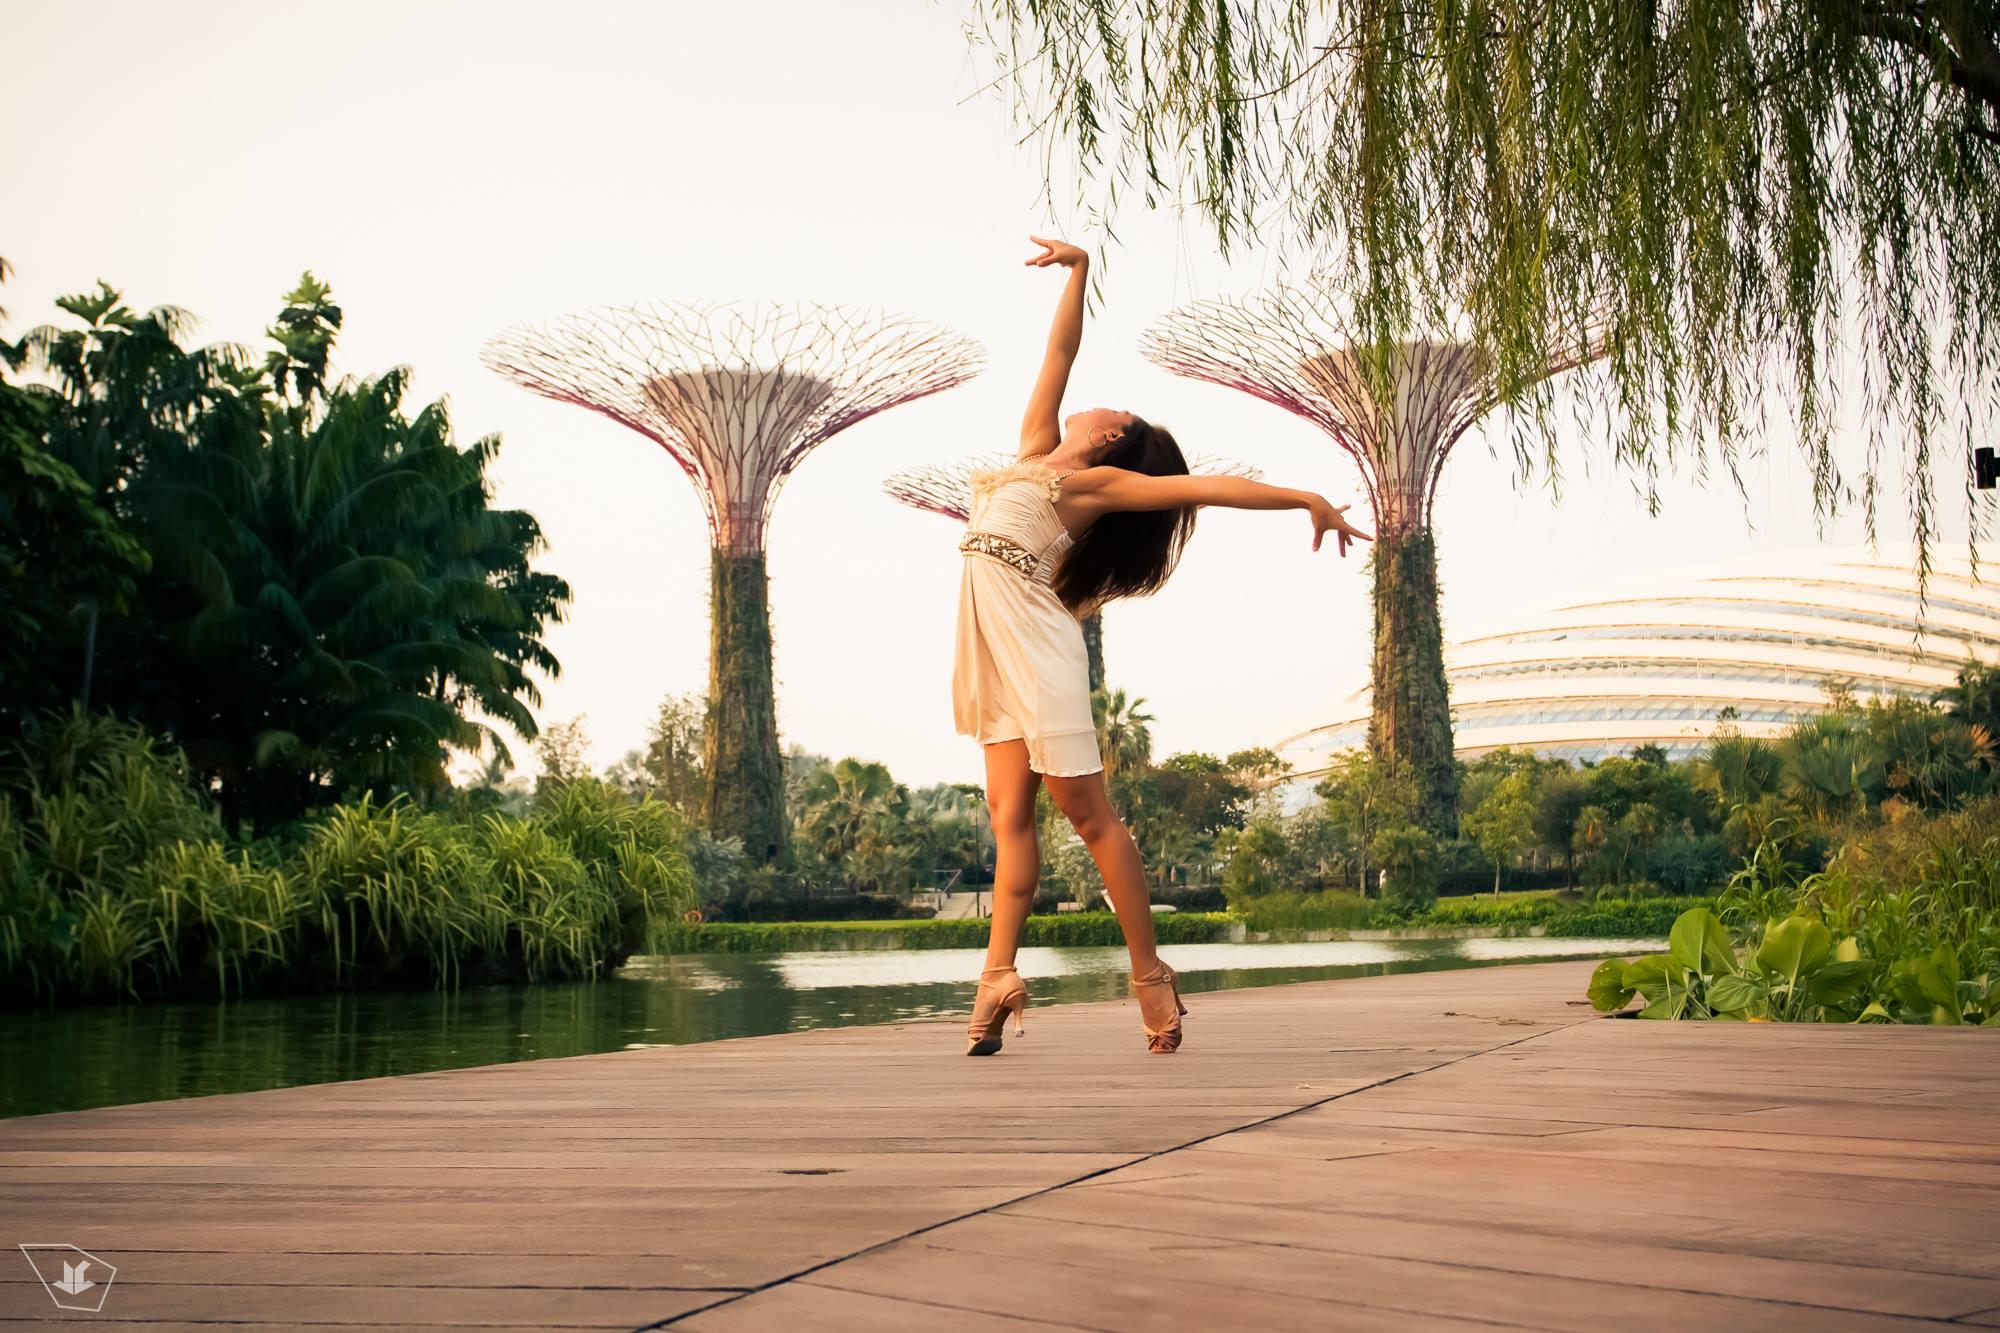 singapore-garden-city-7